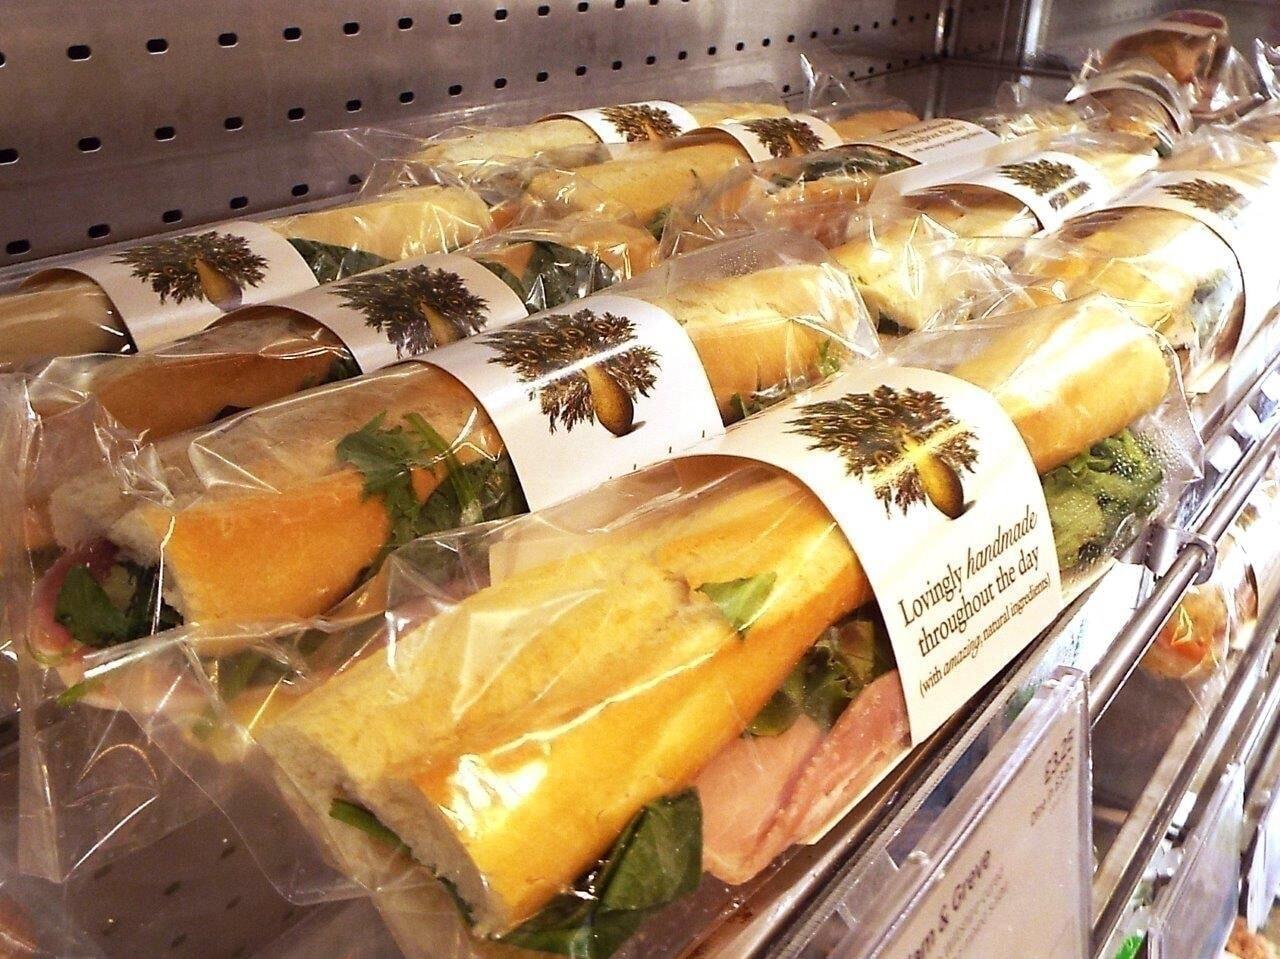 Various PRET A MANGER baguettes